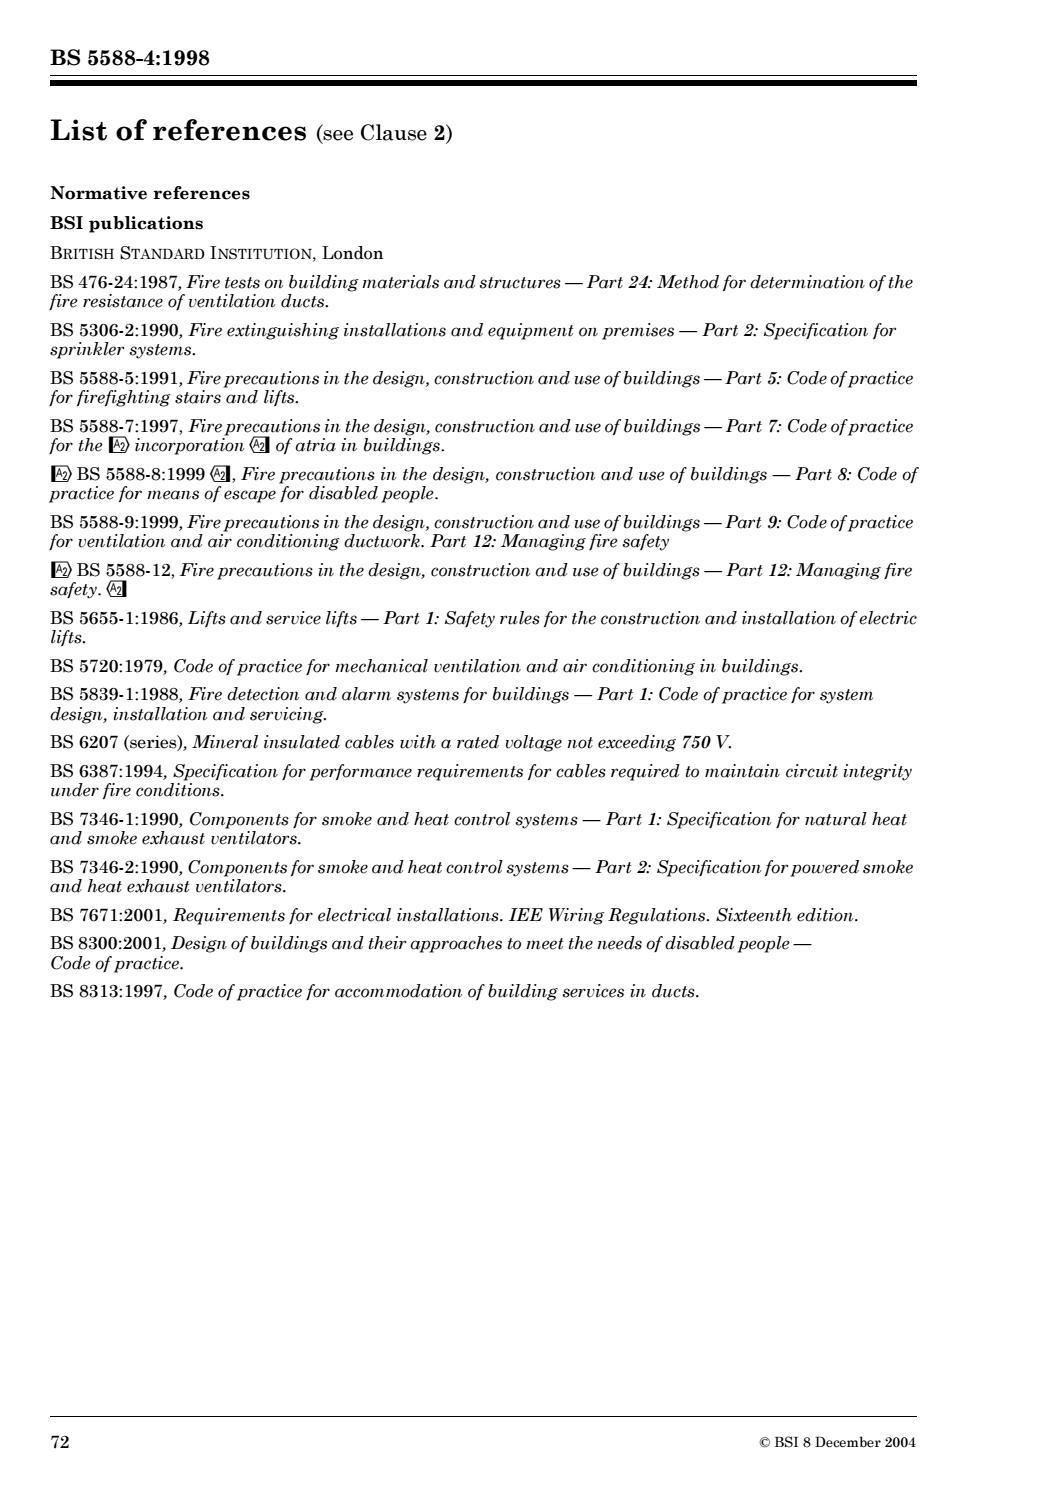 bs 5306 part 8 pdf